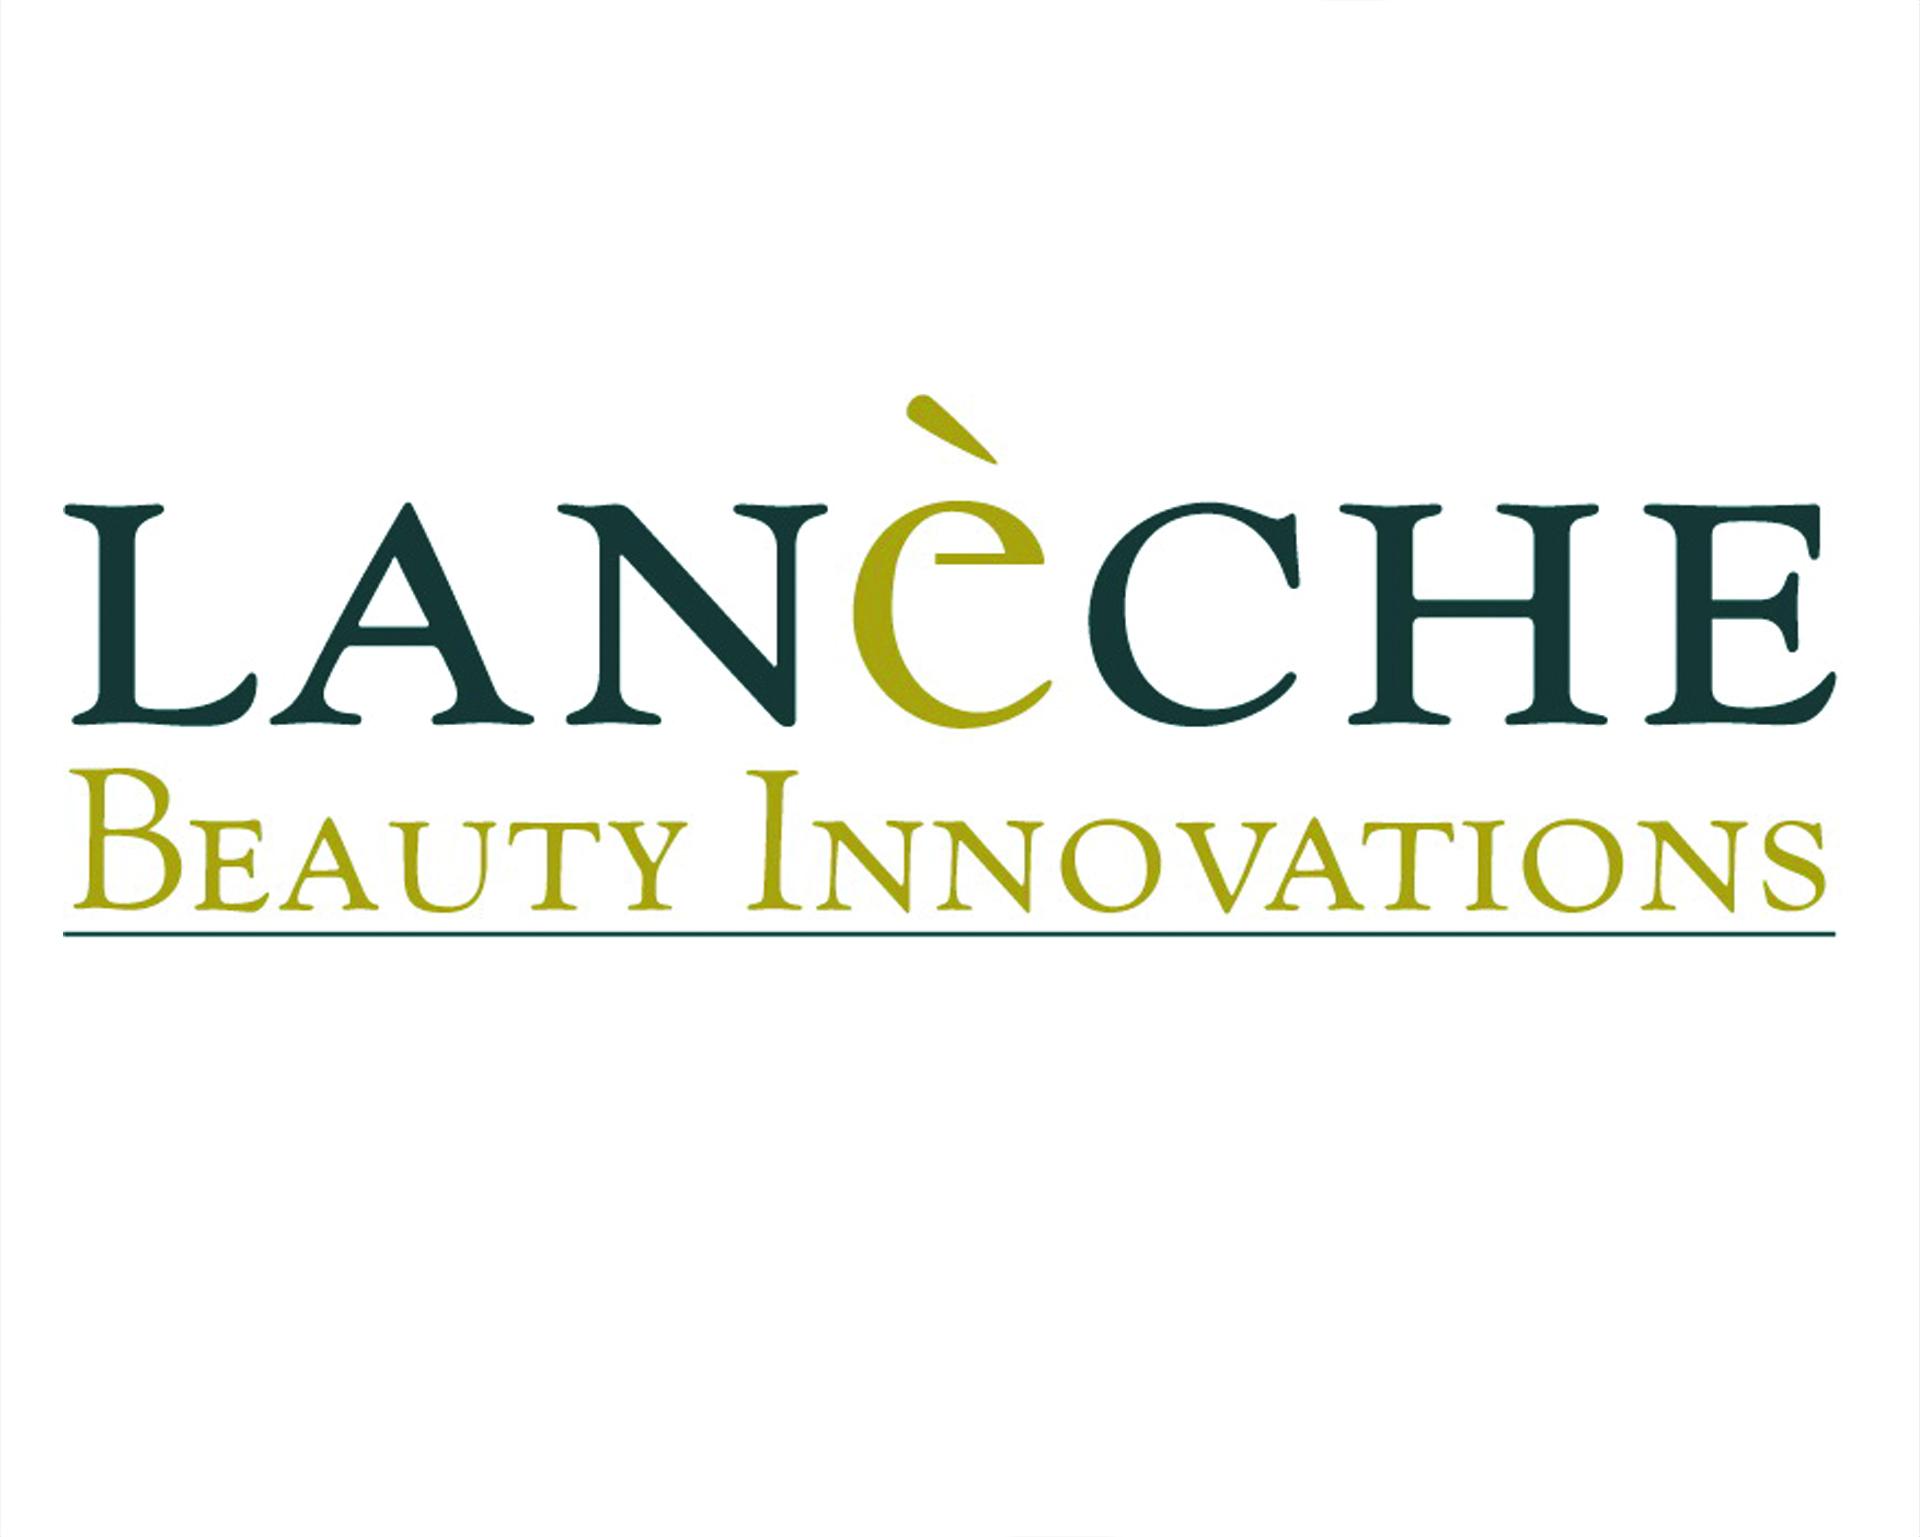 laneche_logo_1920x